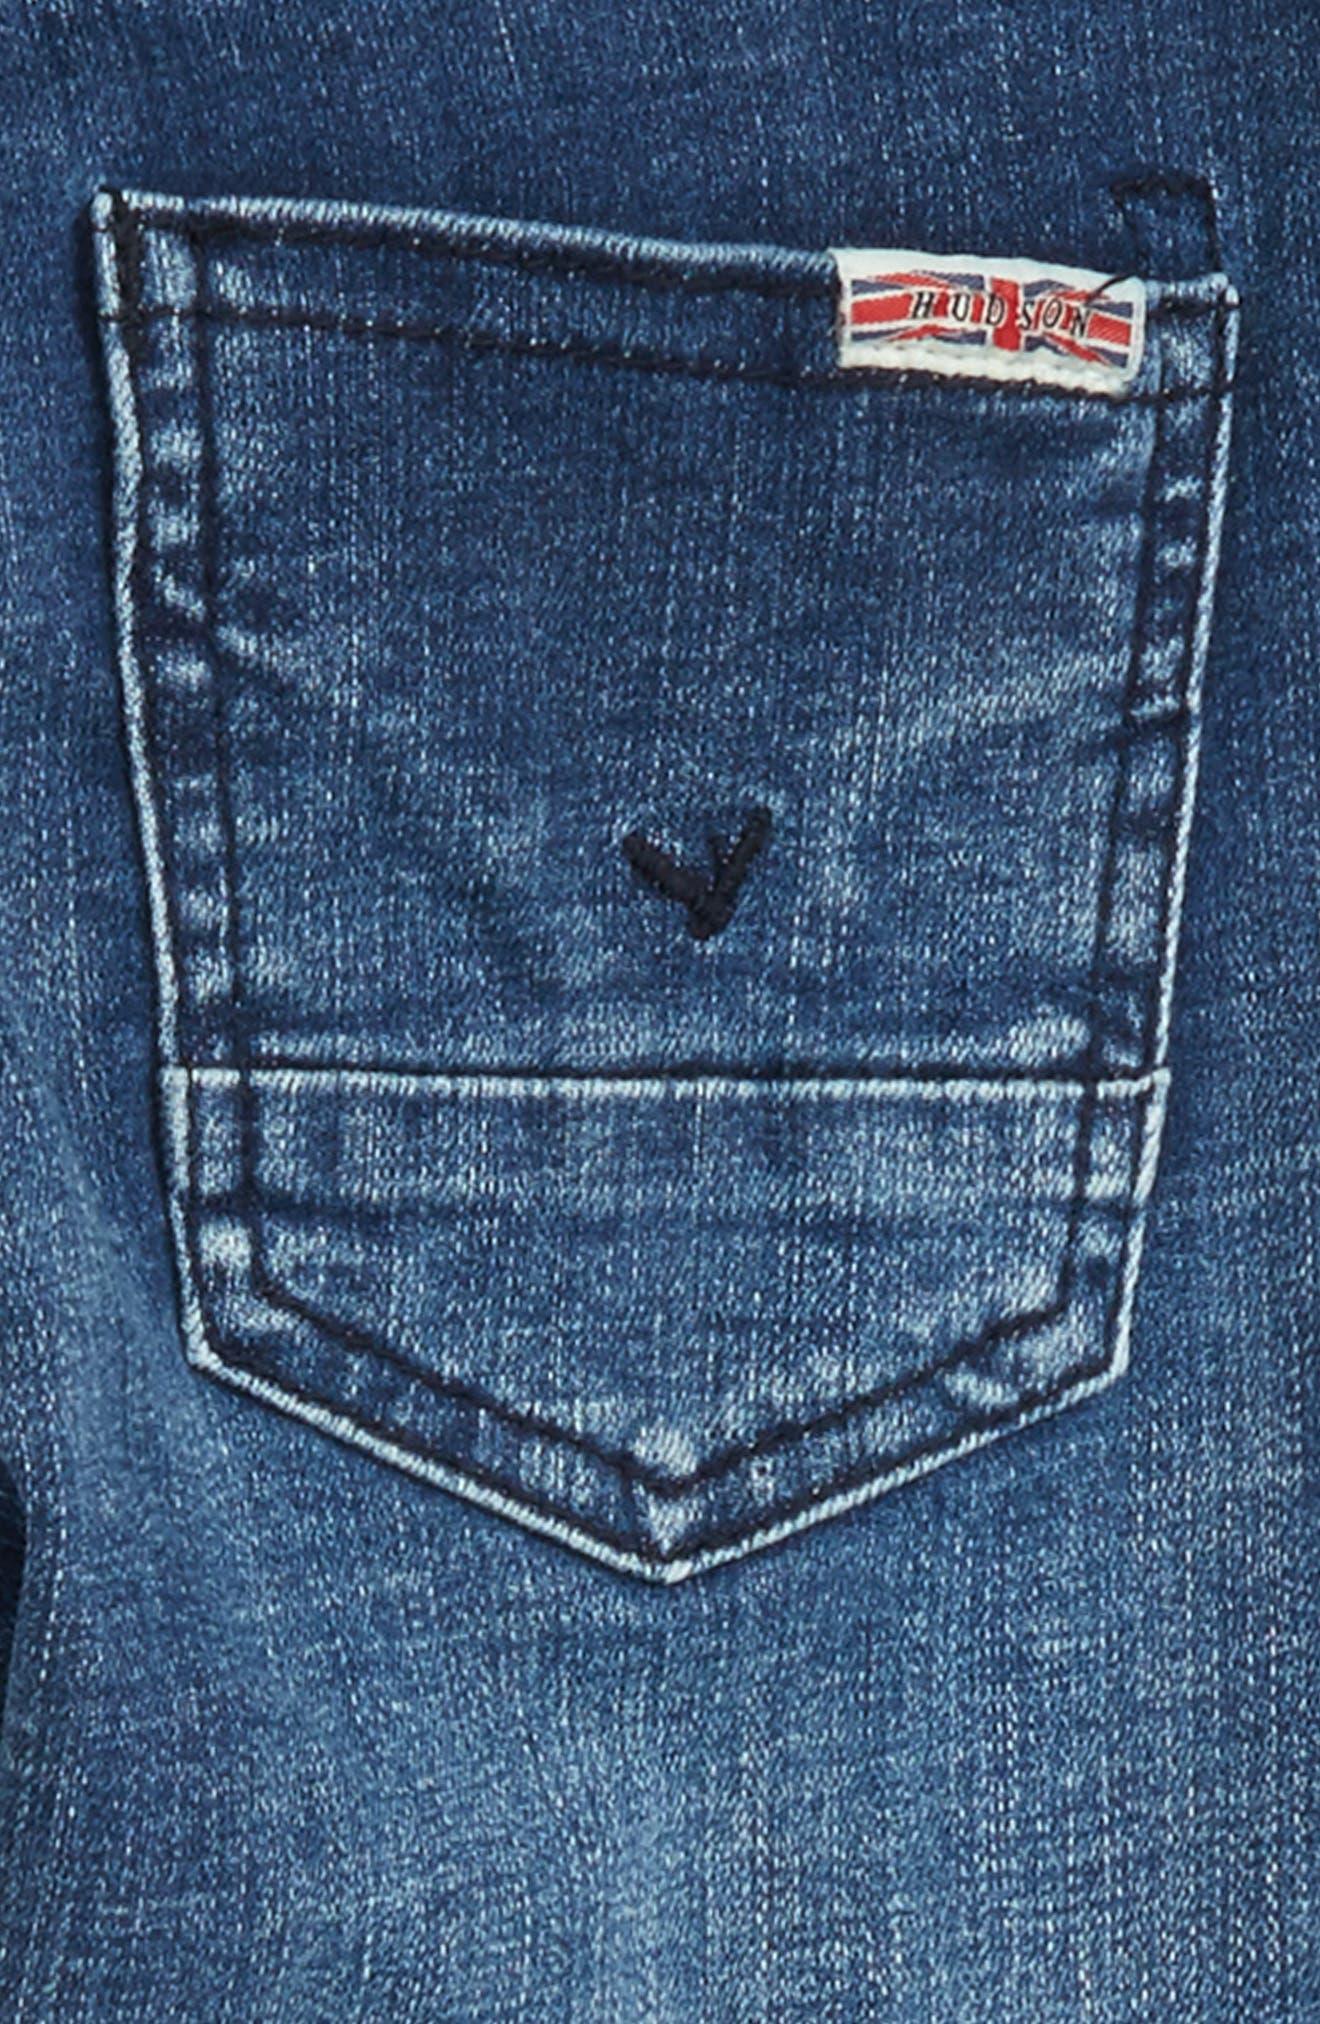 Jagger Slim Fit Straight Leg Jeans,                             Alternate thumbnail 3, color,                             Desert Wash